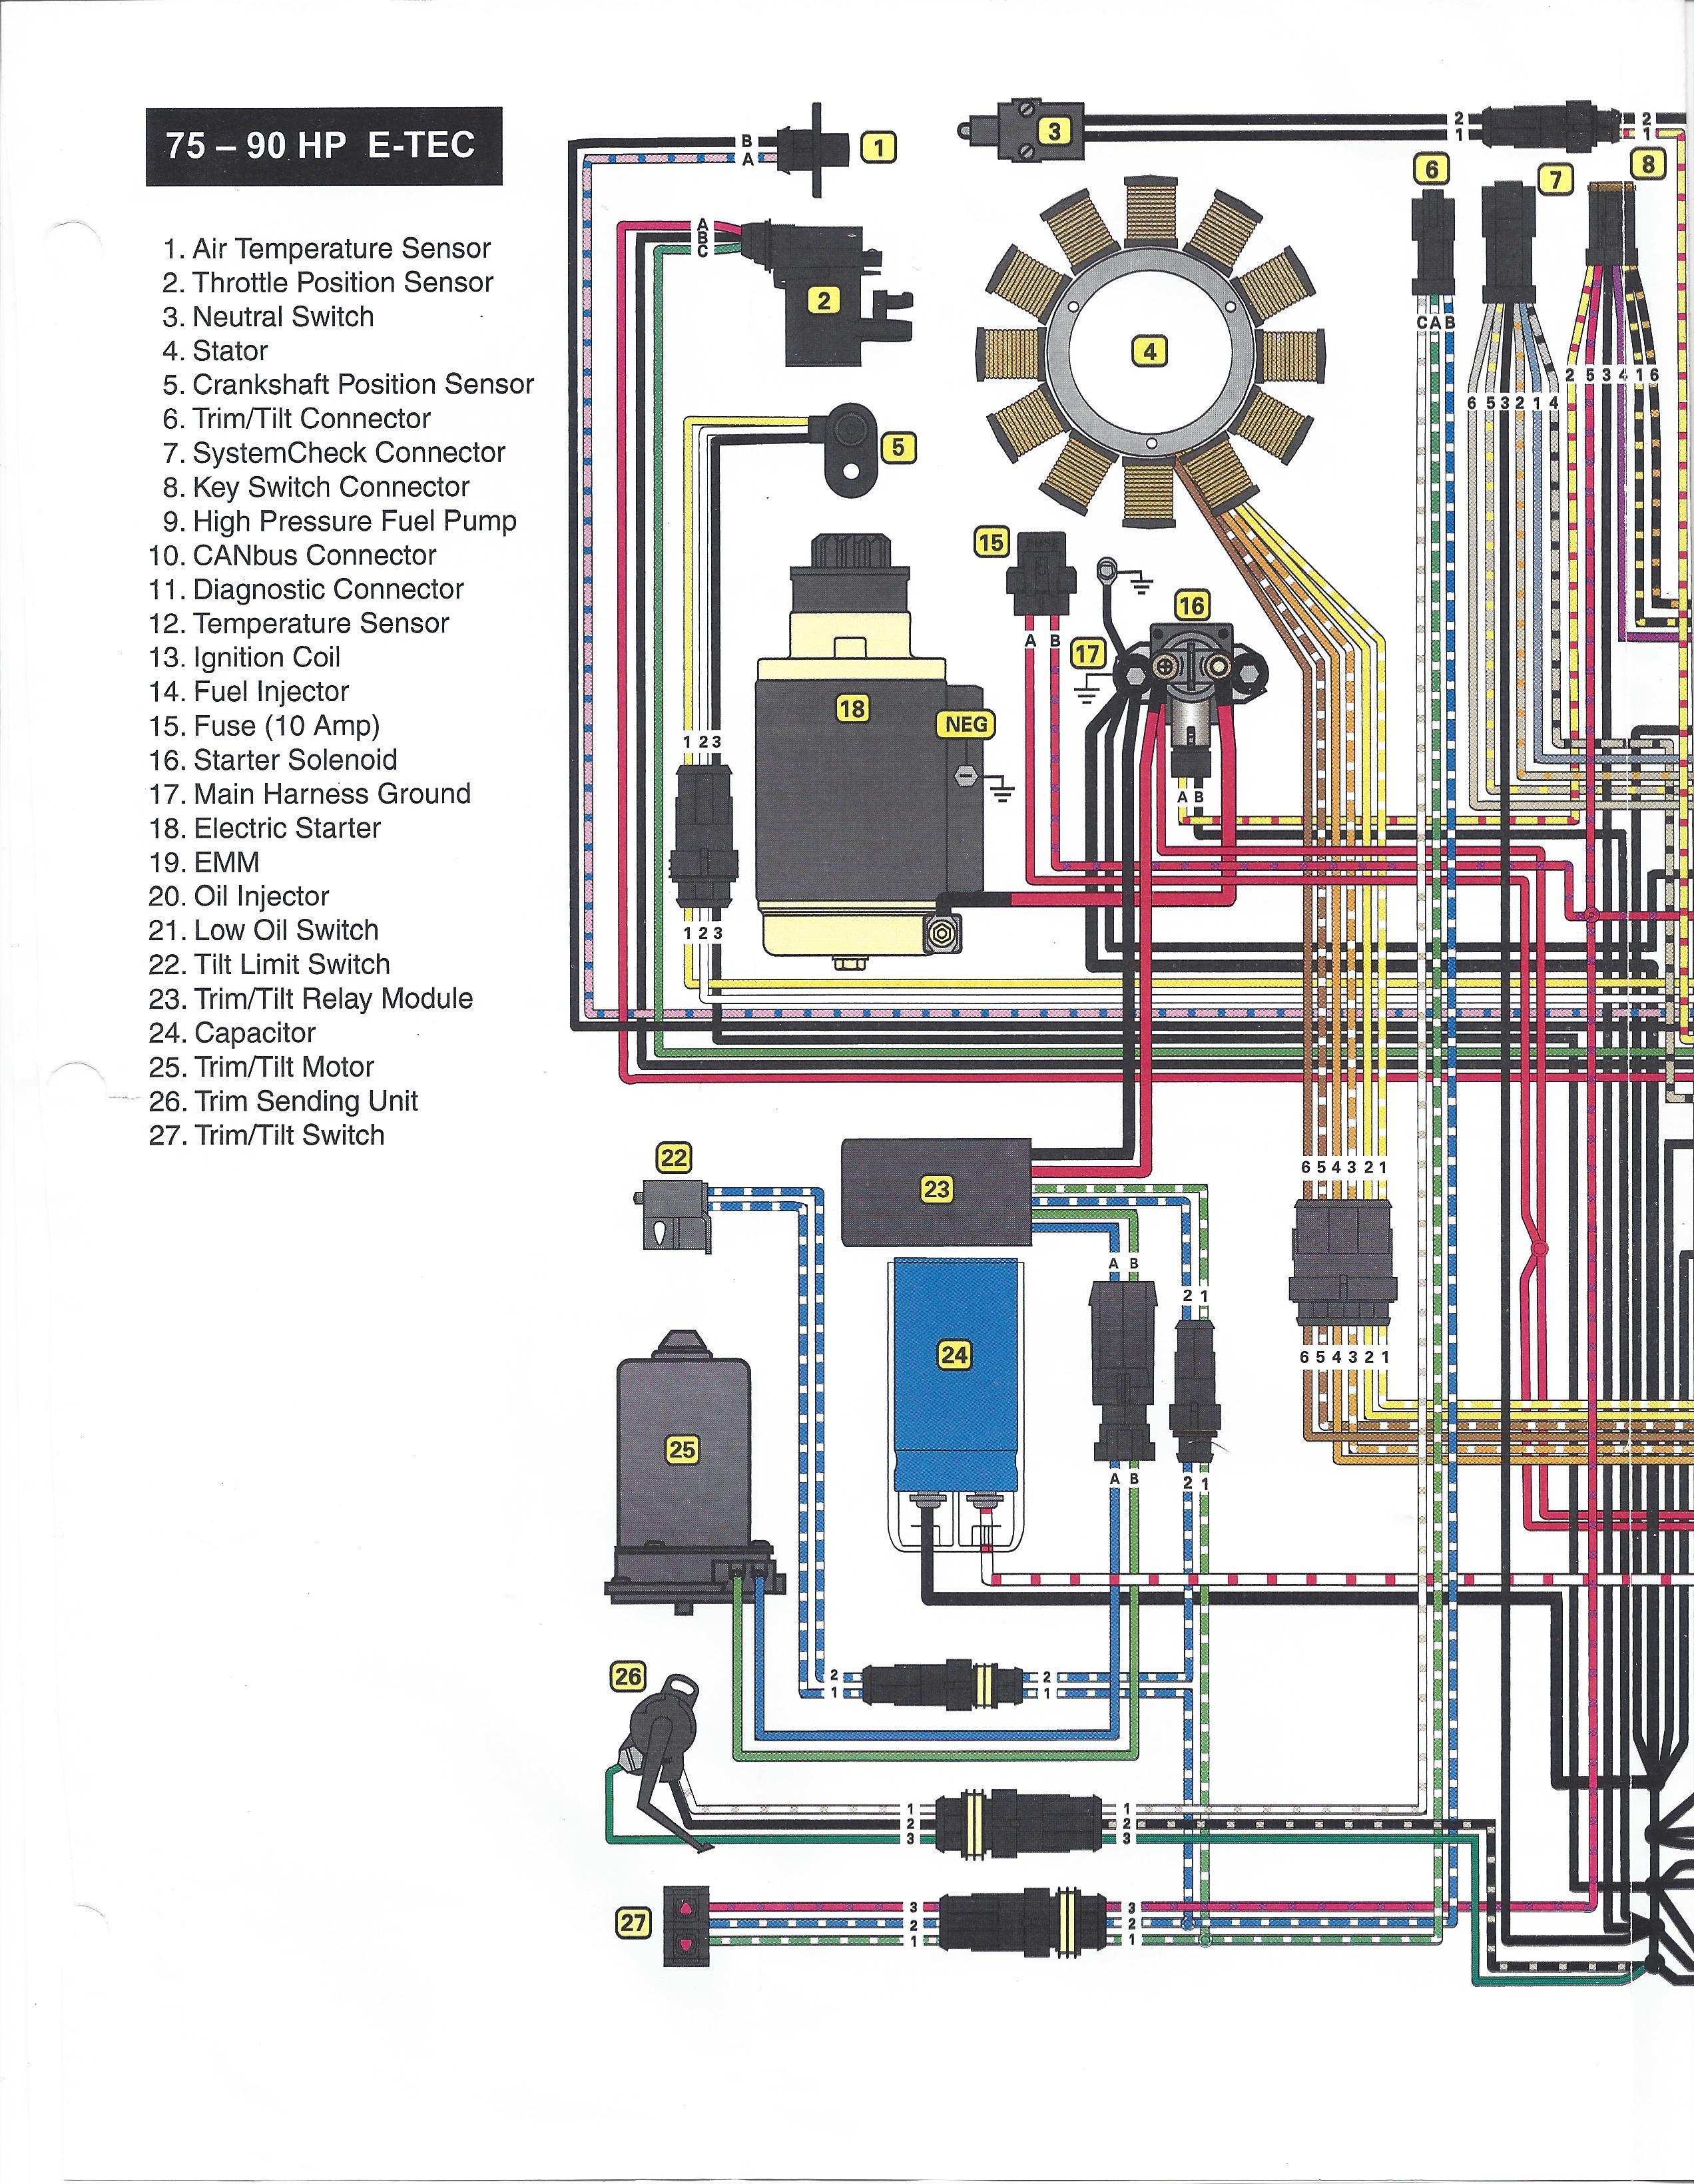 Diagram Evinrude Etec Ignition Switch Wiring Diagram Full Version Hd Quality Wiring Diagram Diagramscopas Noidimontegiorgio It